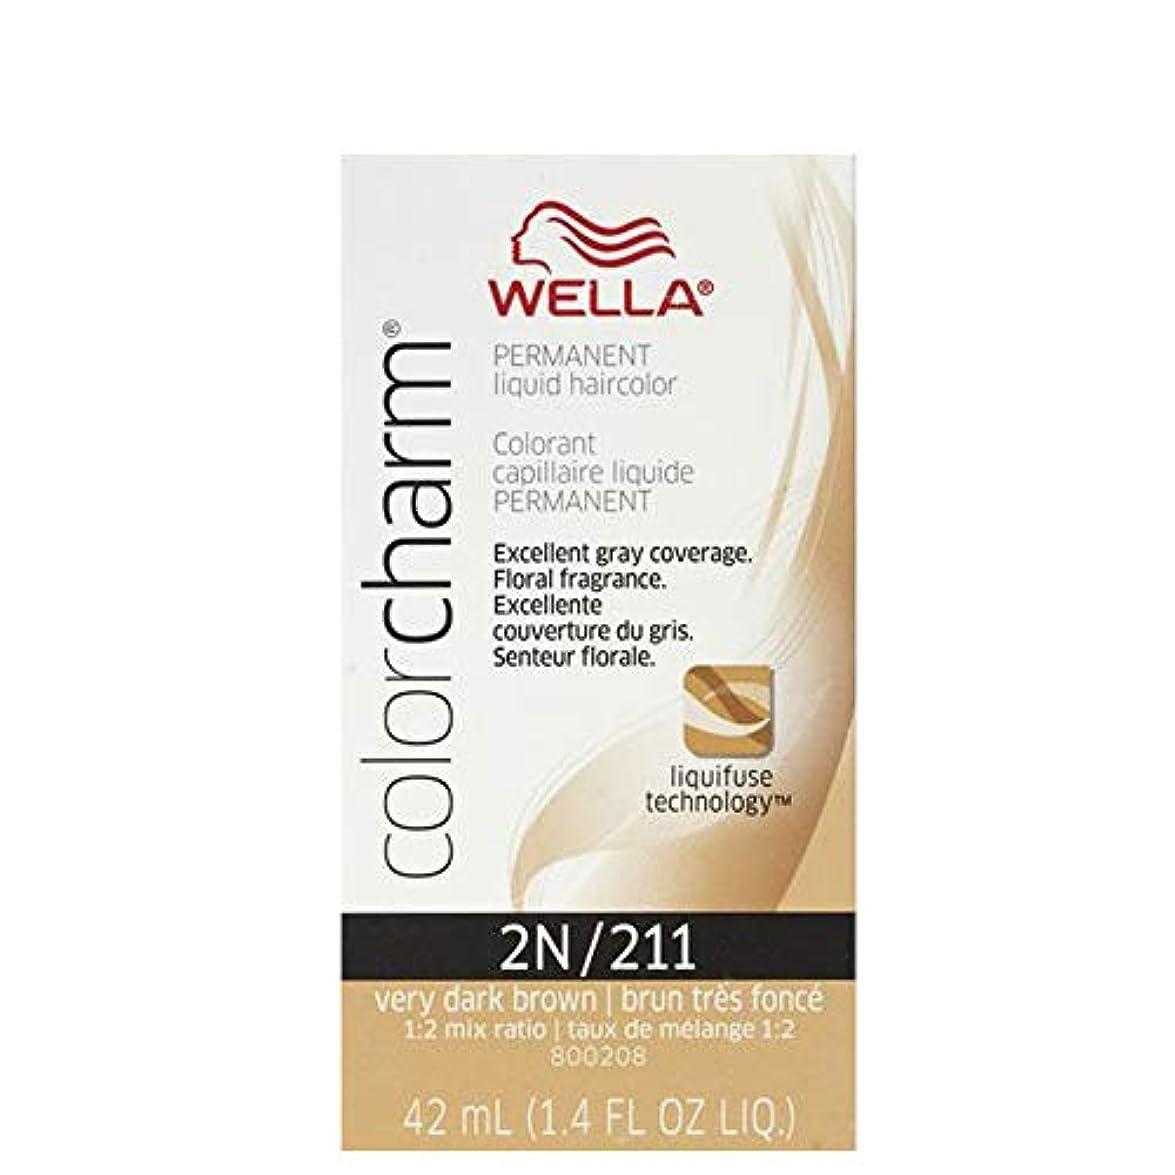 どういたしまして生理損失Wella 非常にダークブラウン色のチャーム液体パーマネントヘアカラー